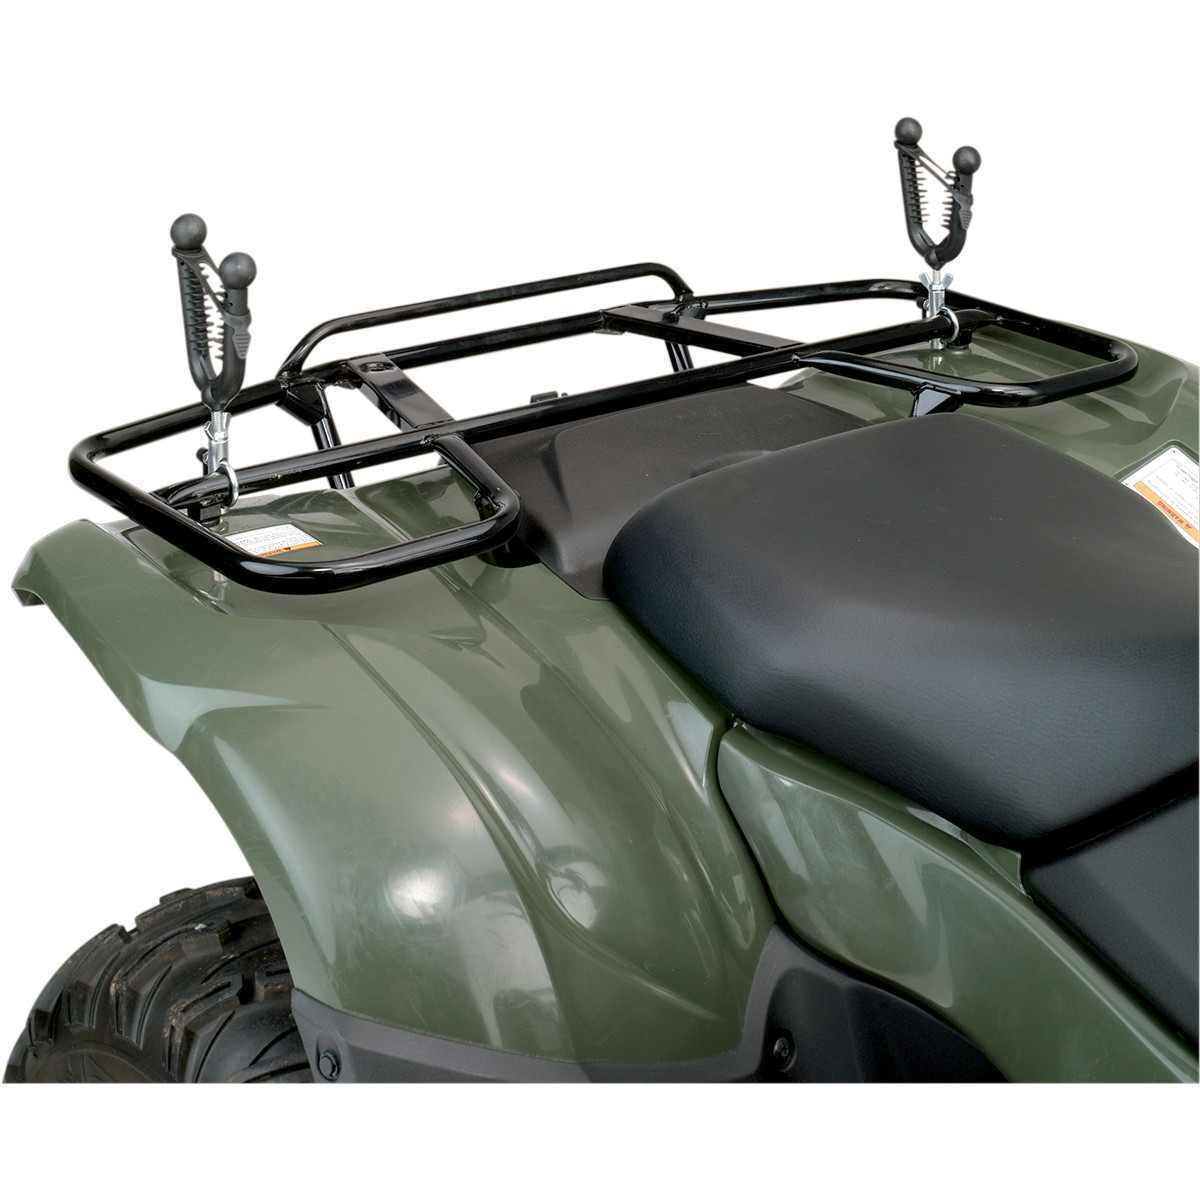 Waffenhalter Quad ATV Jagen Jagd Jagd Jagen Gewehrhalterung Waffenhalterung Gewehrhalter d625ba